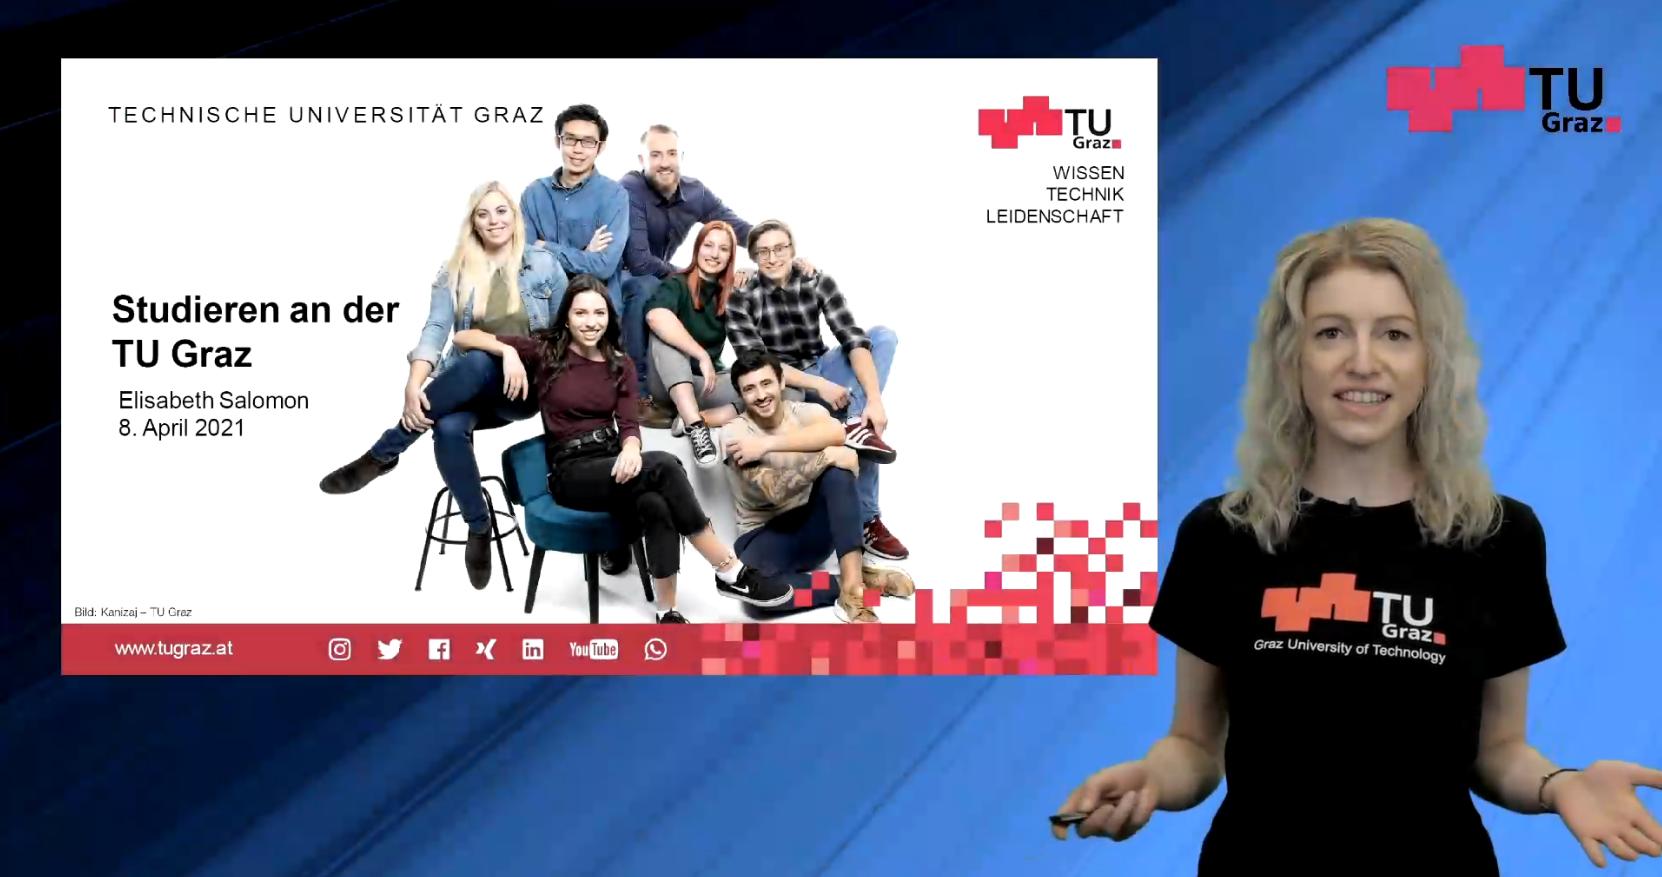 Präsentation Studieren an der TU Graz, Elisabeth Salomon